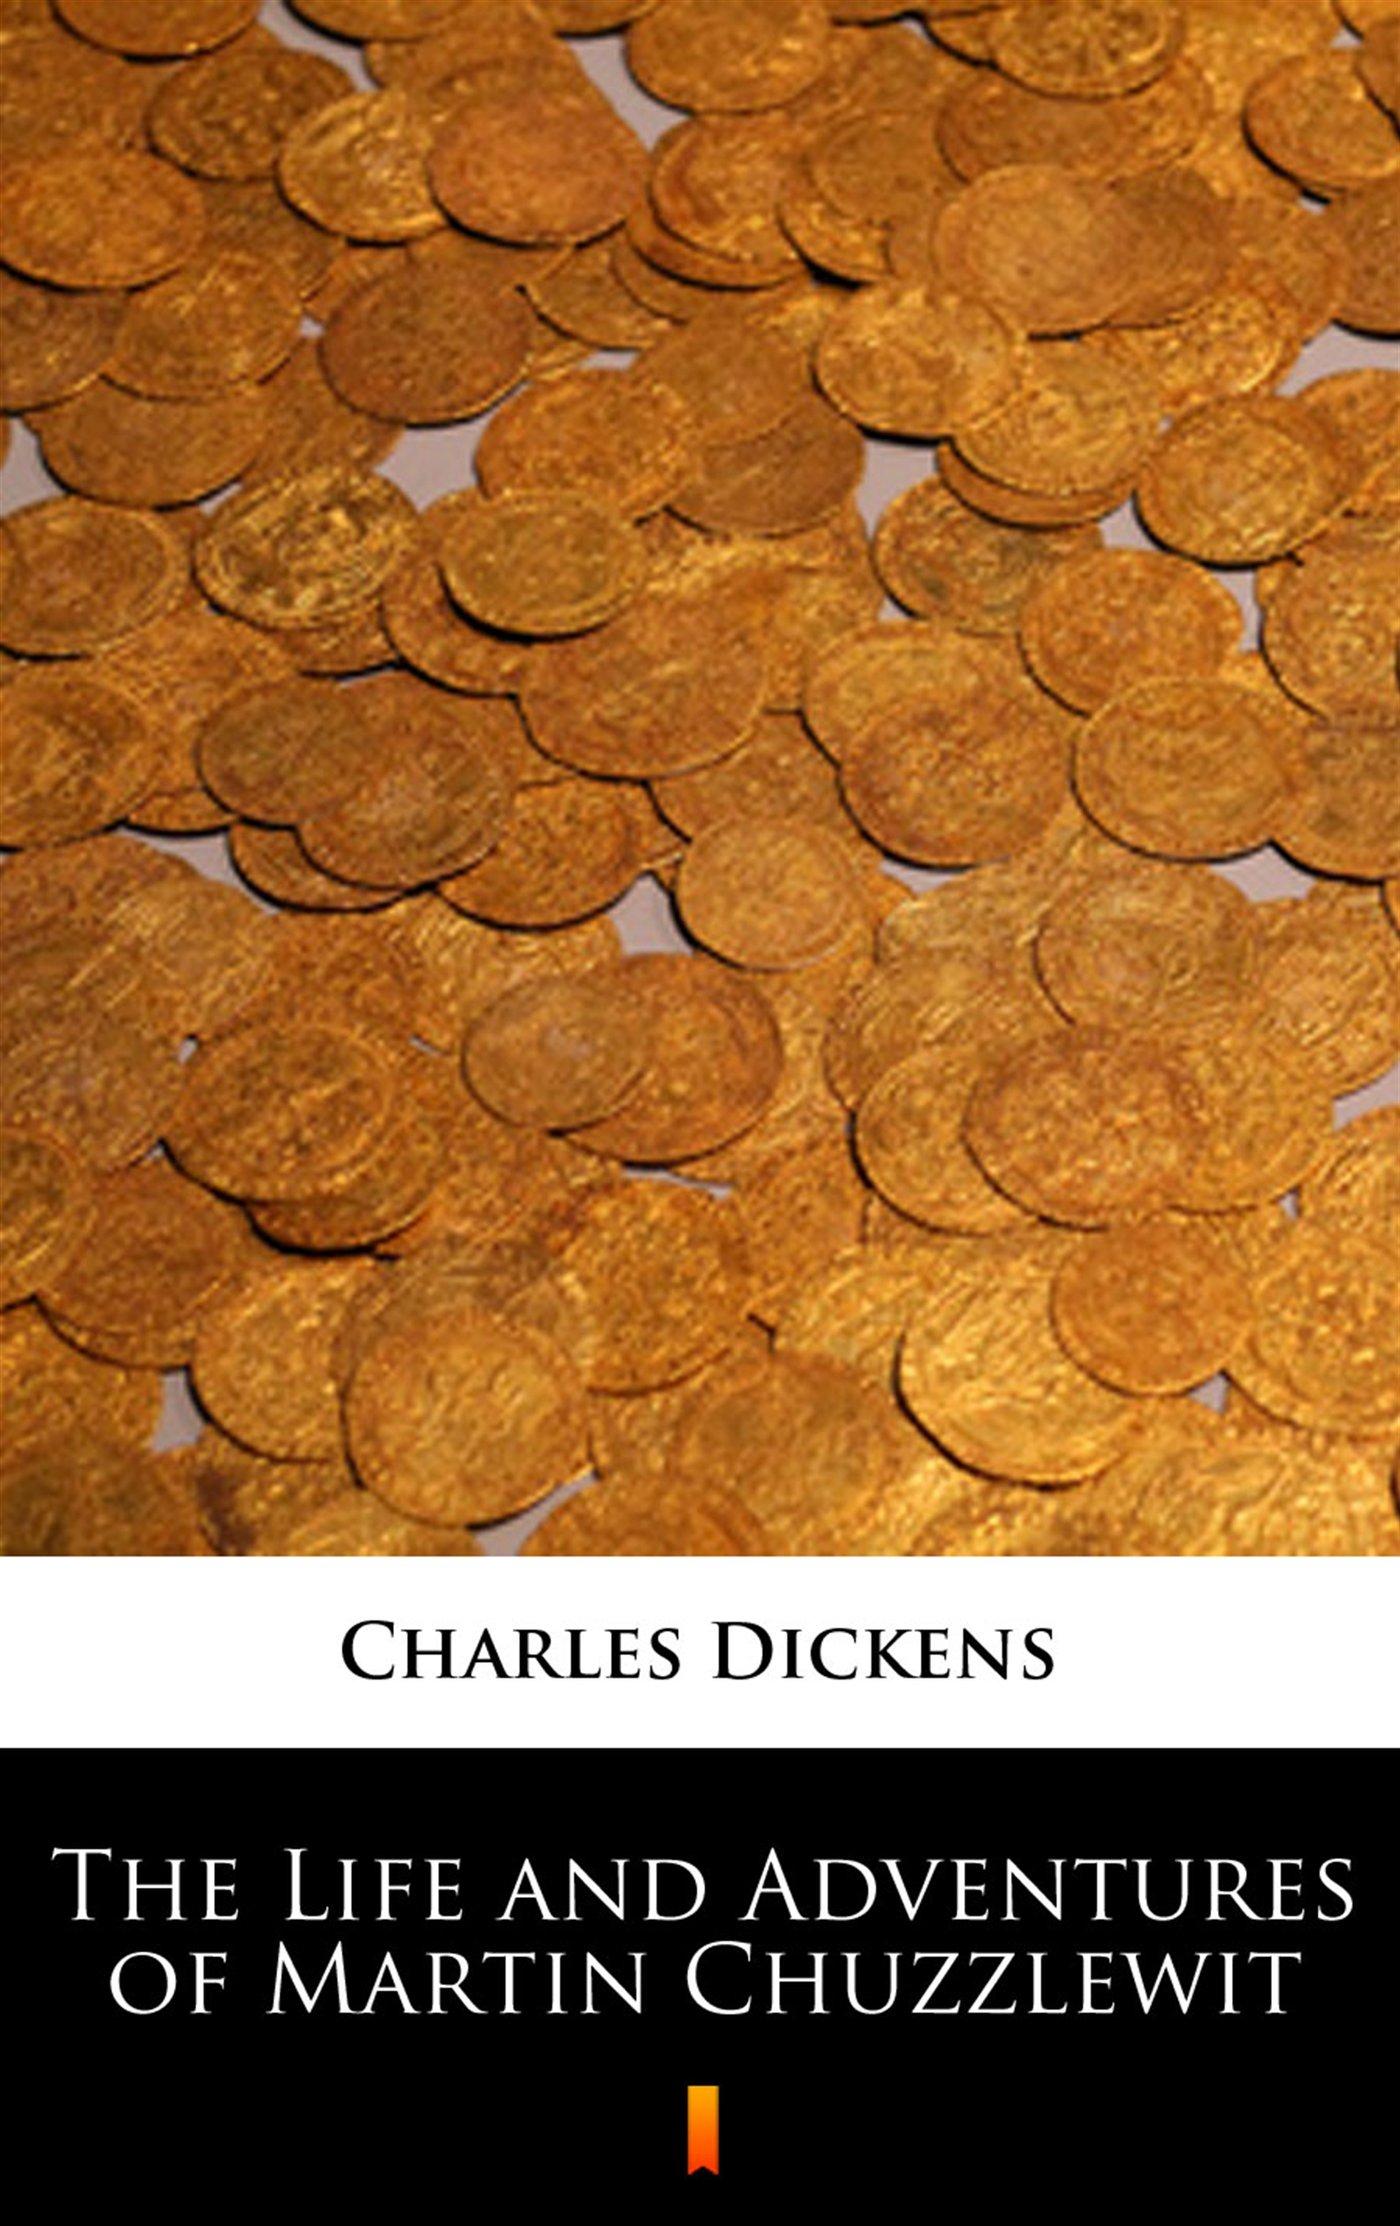 The Life and Adventures of Martin Chuzzlewit - Ebook (Książka EPUB) do pobrania w formacie EPUB